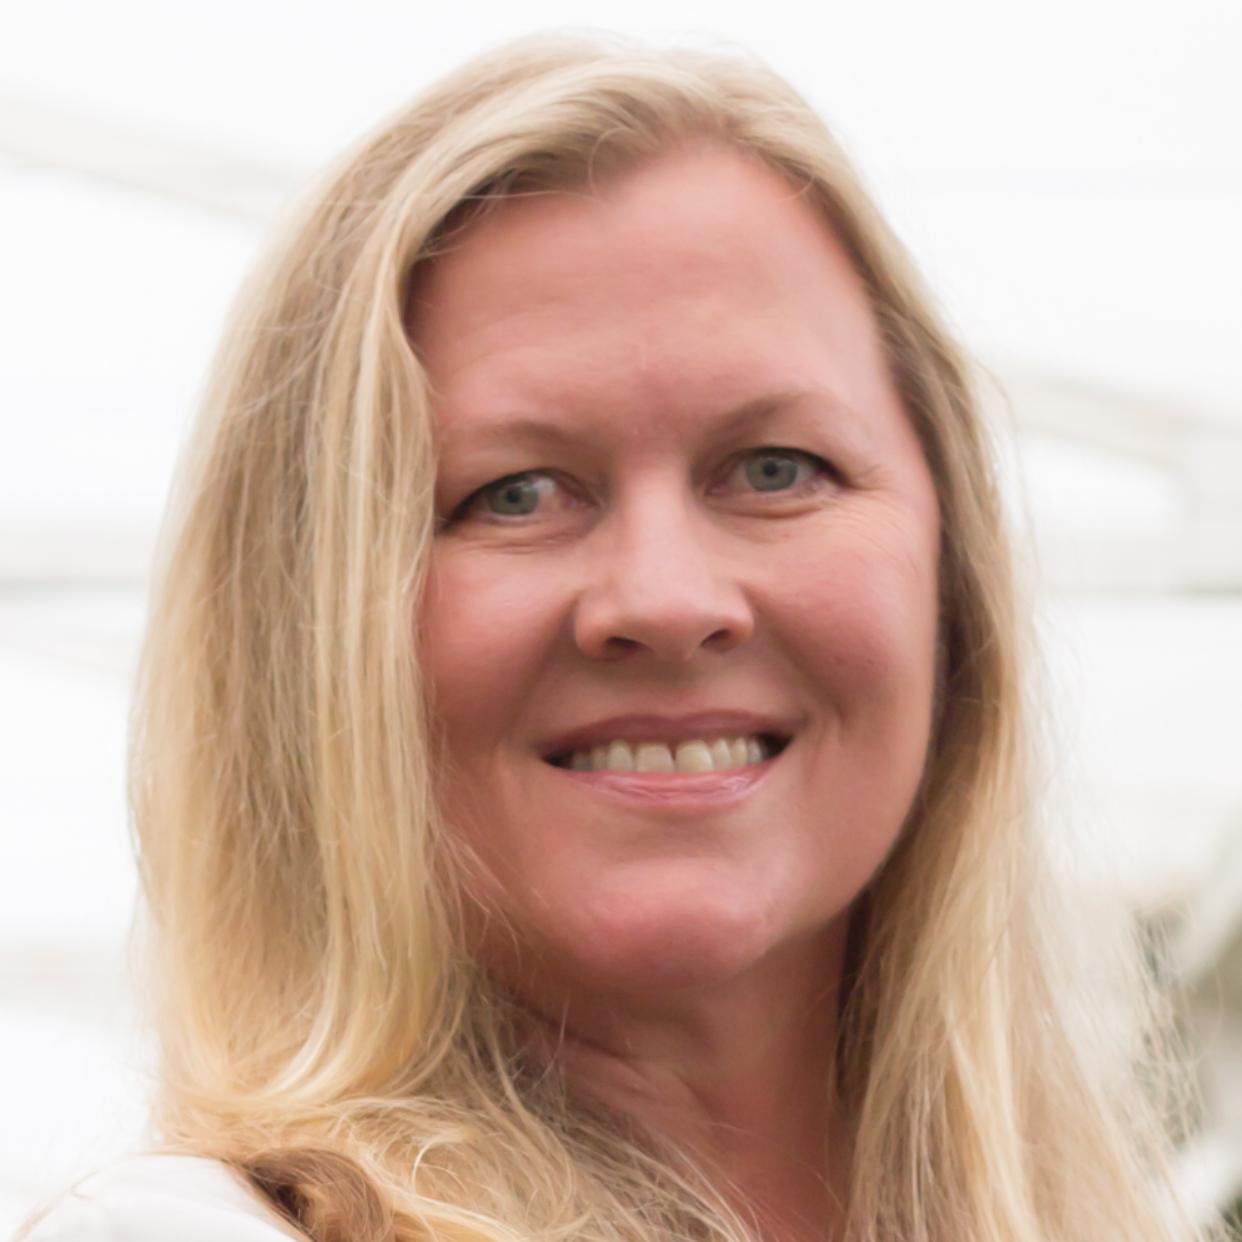 Lisa Bjornestad